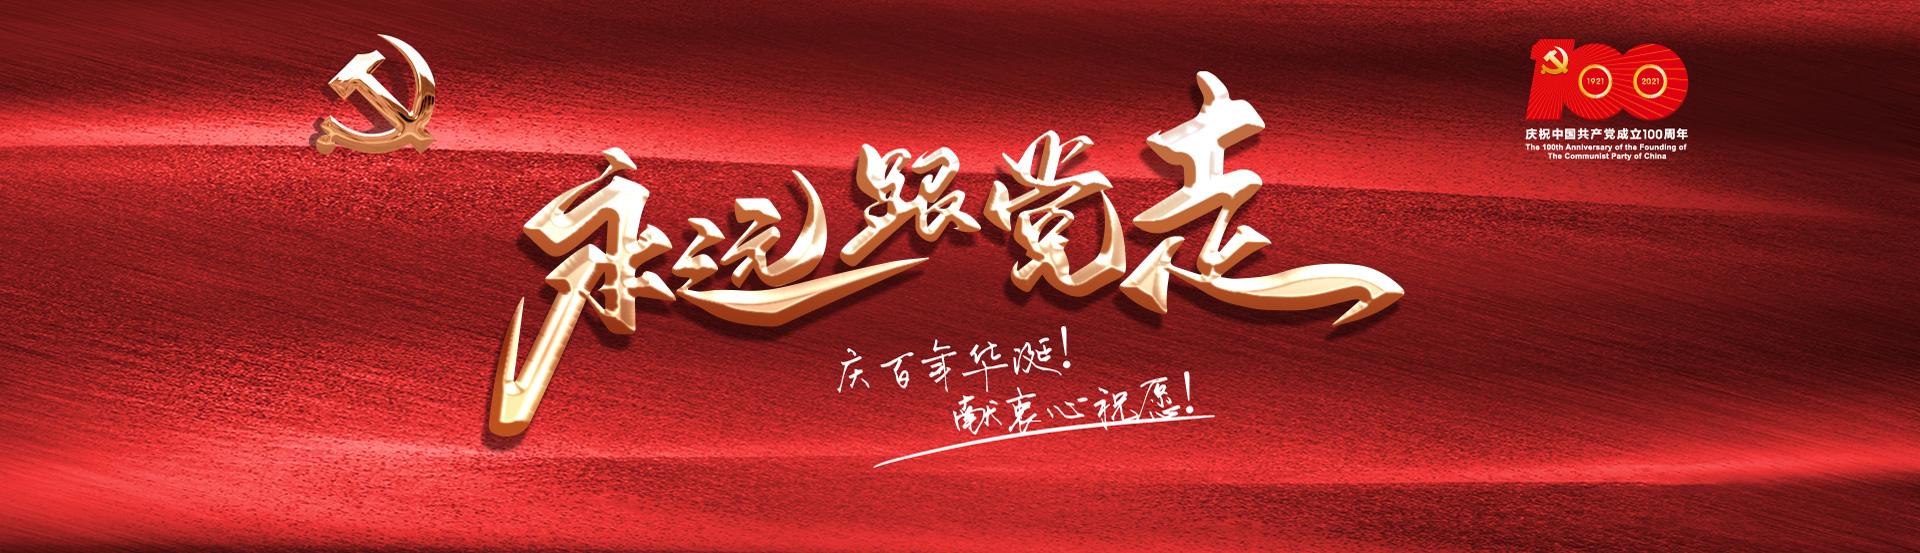 拾起卖祝贺中国共产党百年华诞